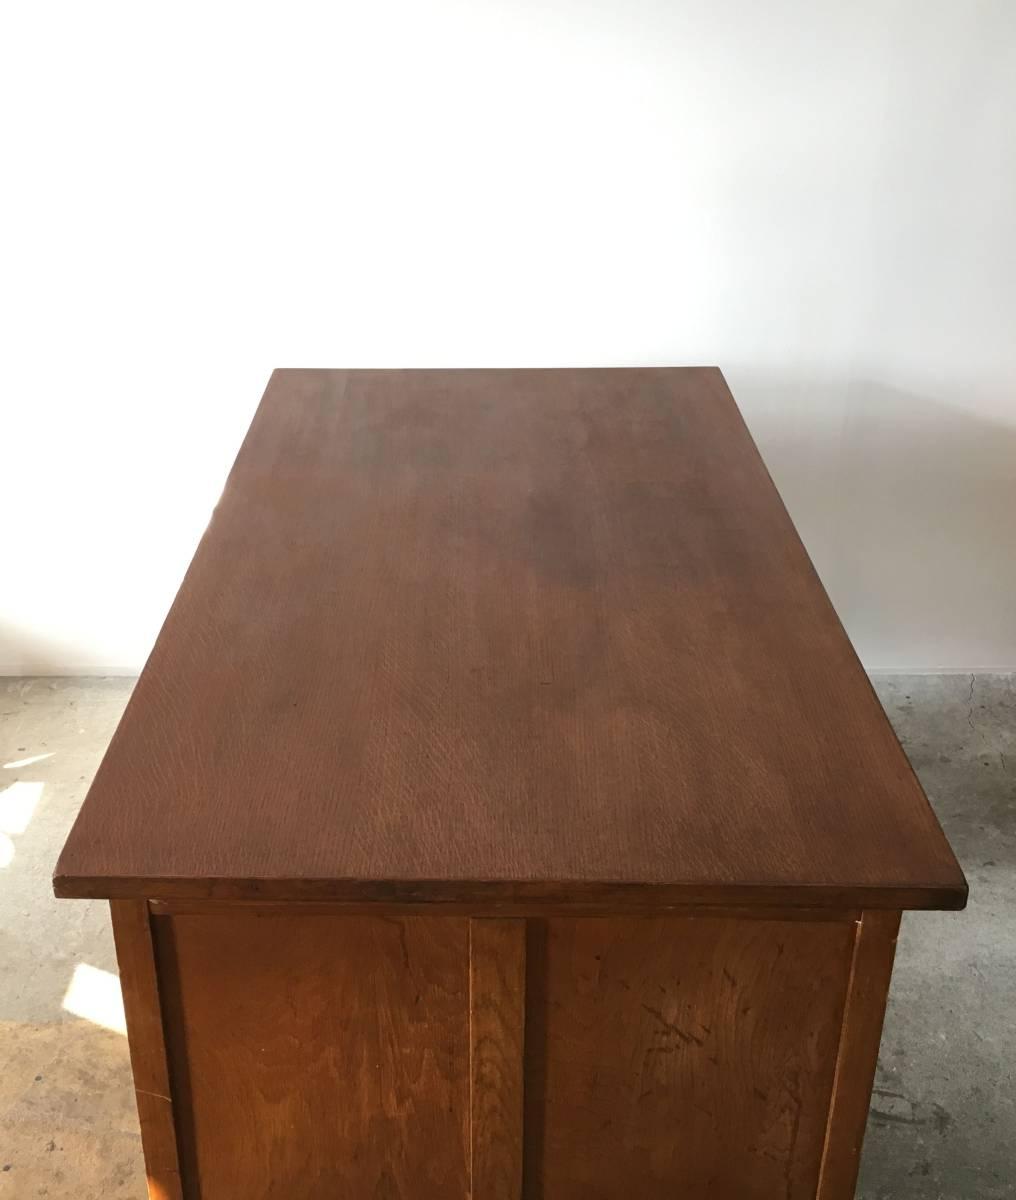 イギリス アンティーク 1940s MID CENTURY DESK オーク デスク 机 テーブル イス ビンテージ_画像9